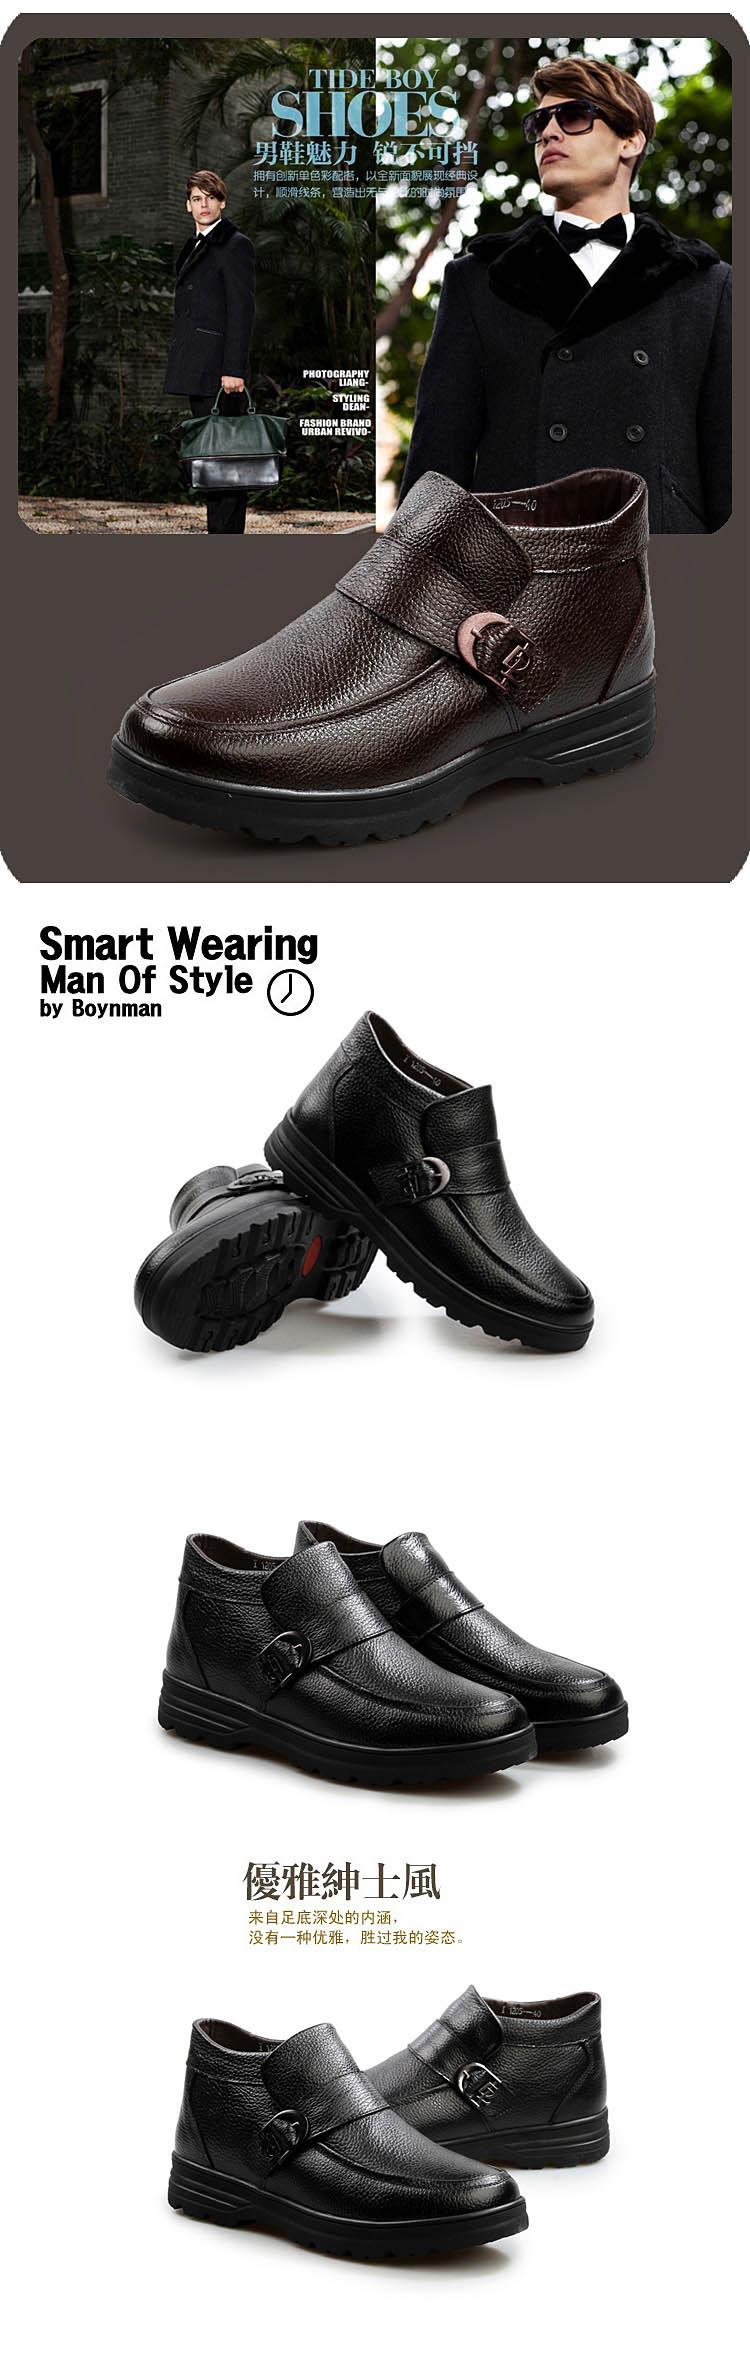 米汇乐冬季男士棉鞋男棉皮鞋男鞋保暖鞋马丁靴子男靴